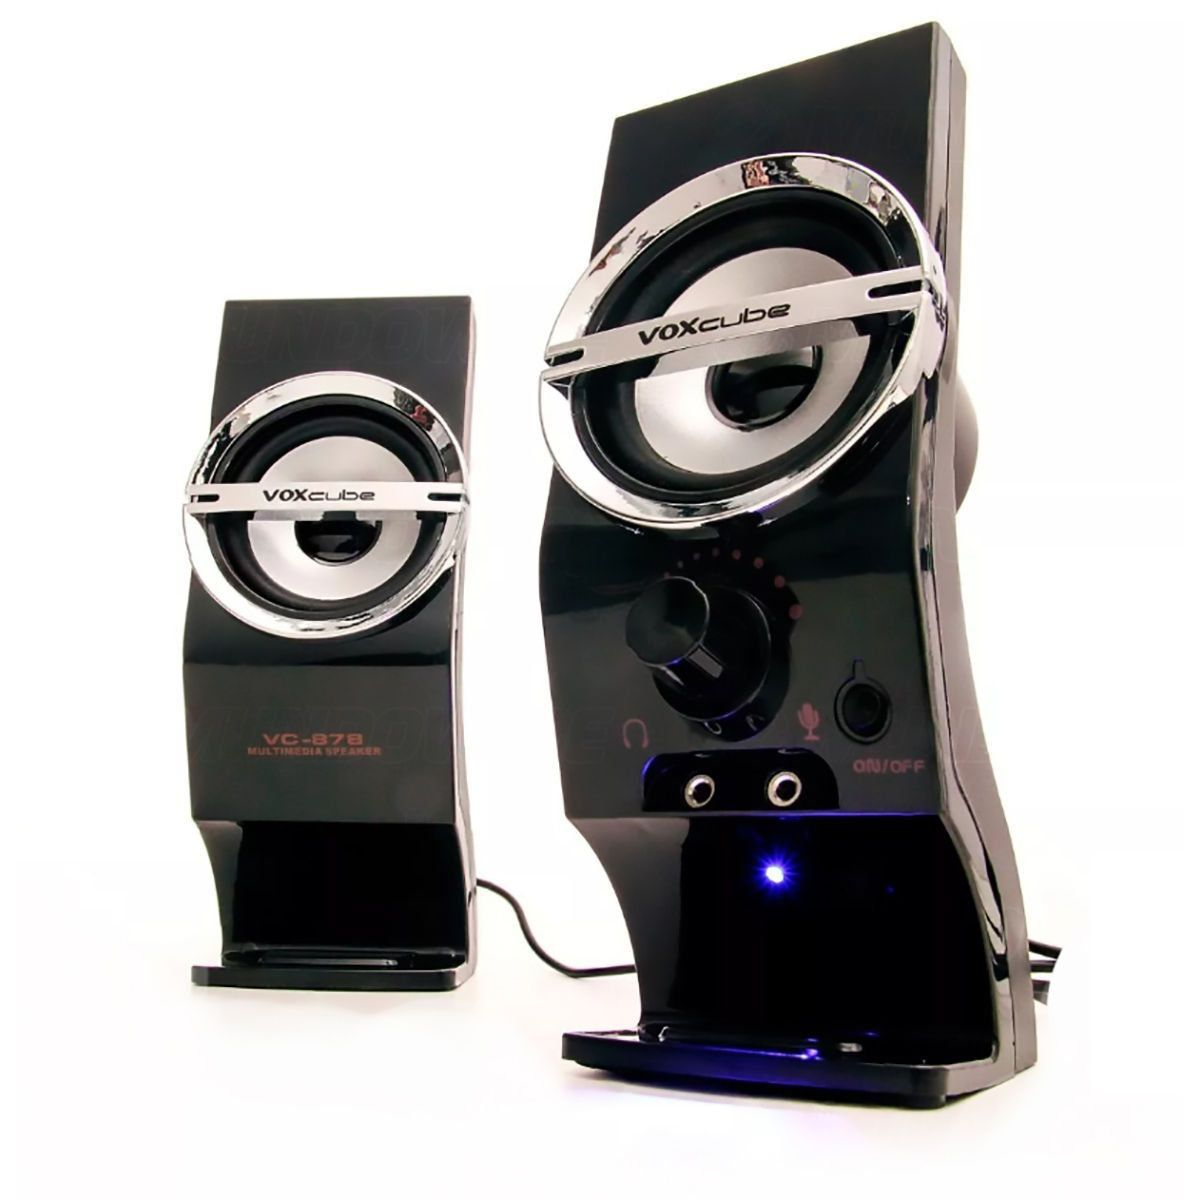 Caixa de Som 2.0 com Entrada para Microfone 5W RWS VoxCube VC-878